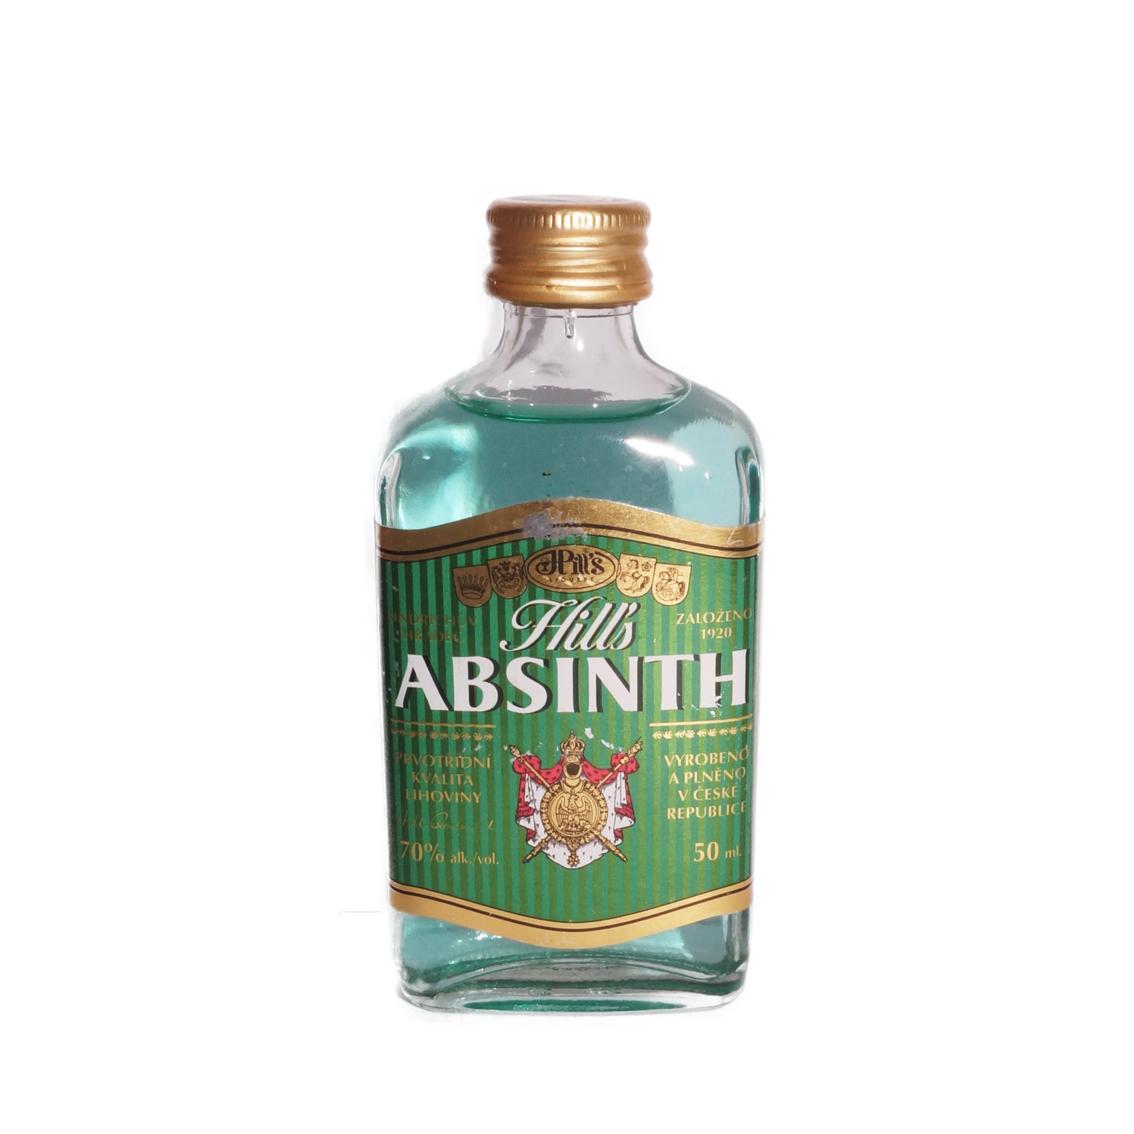 ABSINTH-HILL'S